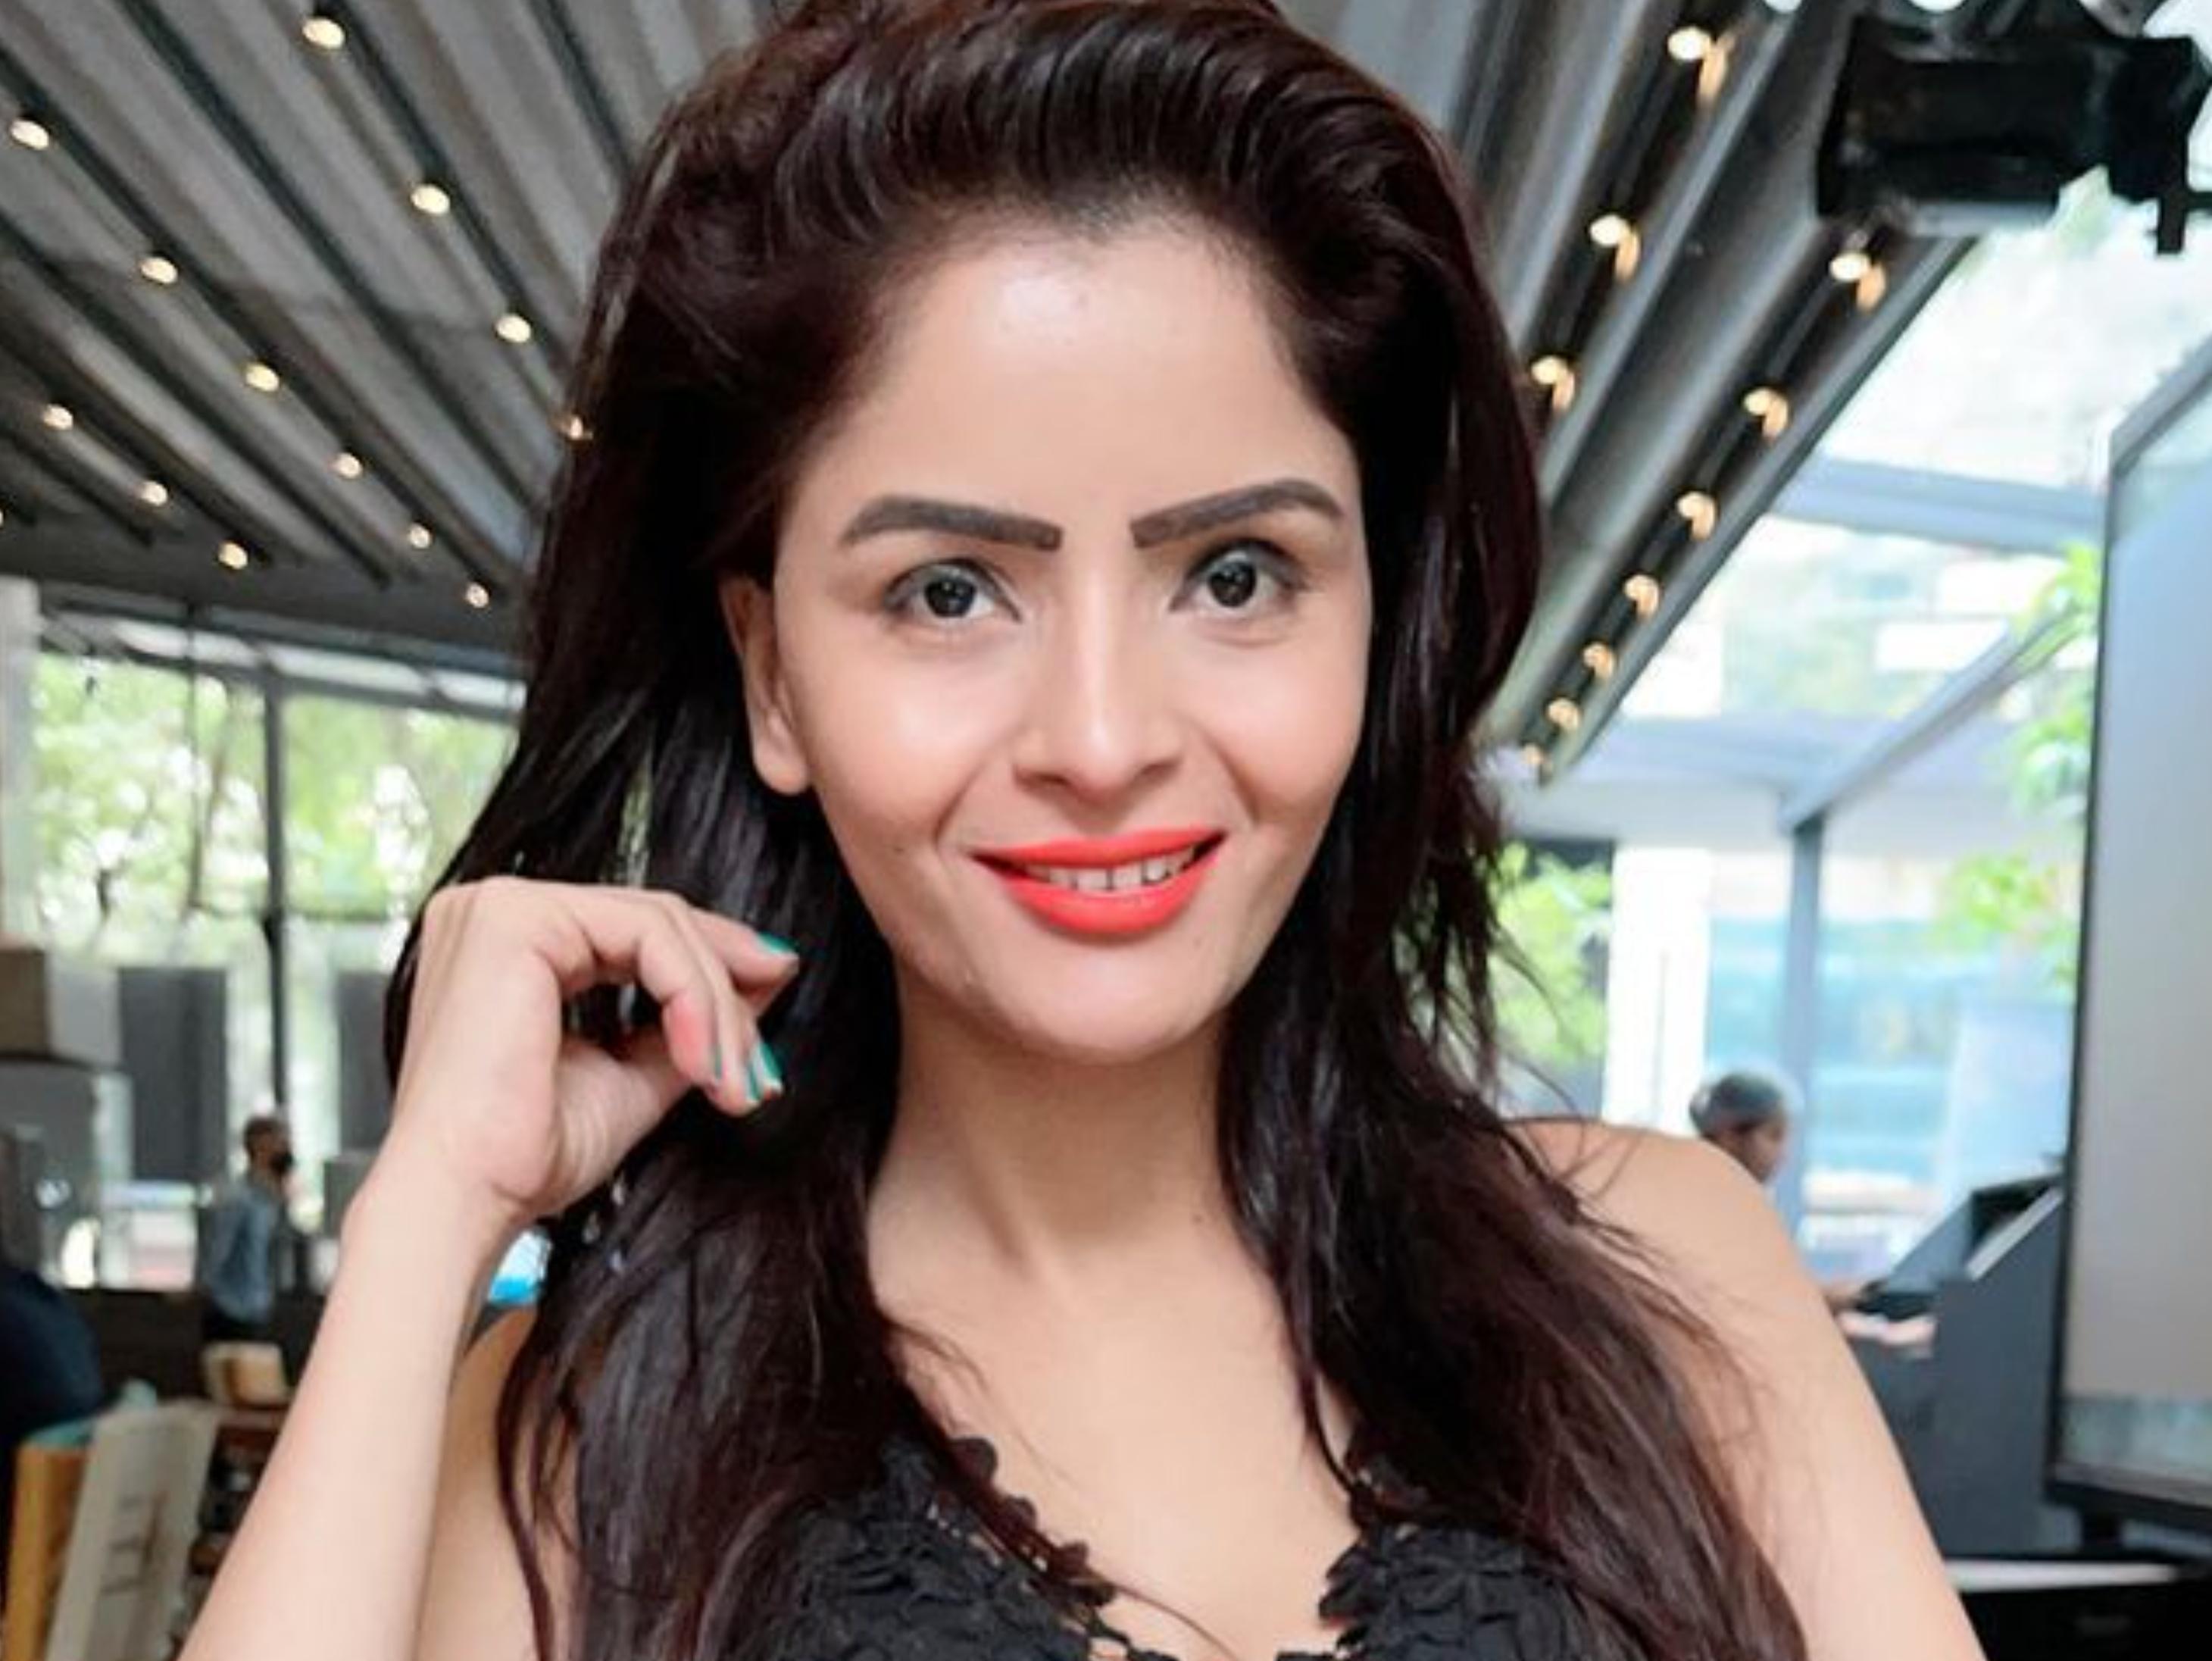 गंदी बात की एक्ट्रेस को मिली जमानत, अश्लील वीडियो बनाने के आरोप में 5 महीने से जेल में थी गहना वशिष्ठ|बॉलीवुड,Bollywood - Dainik Bhaskar